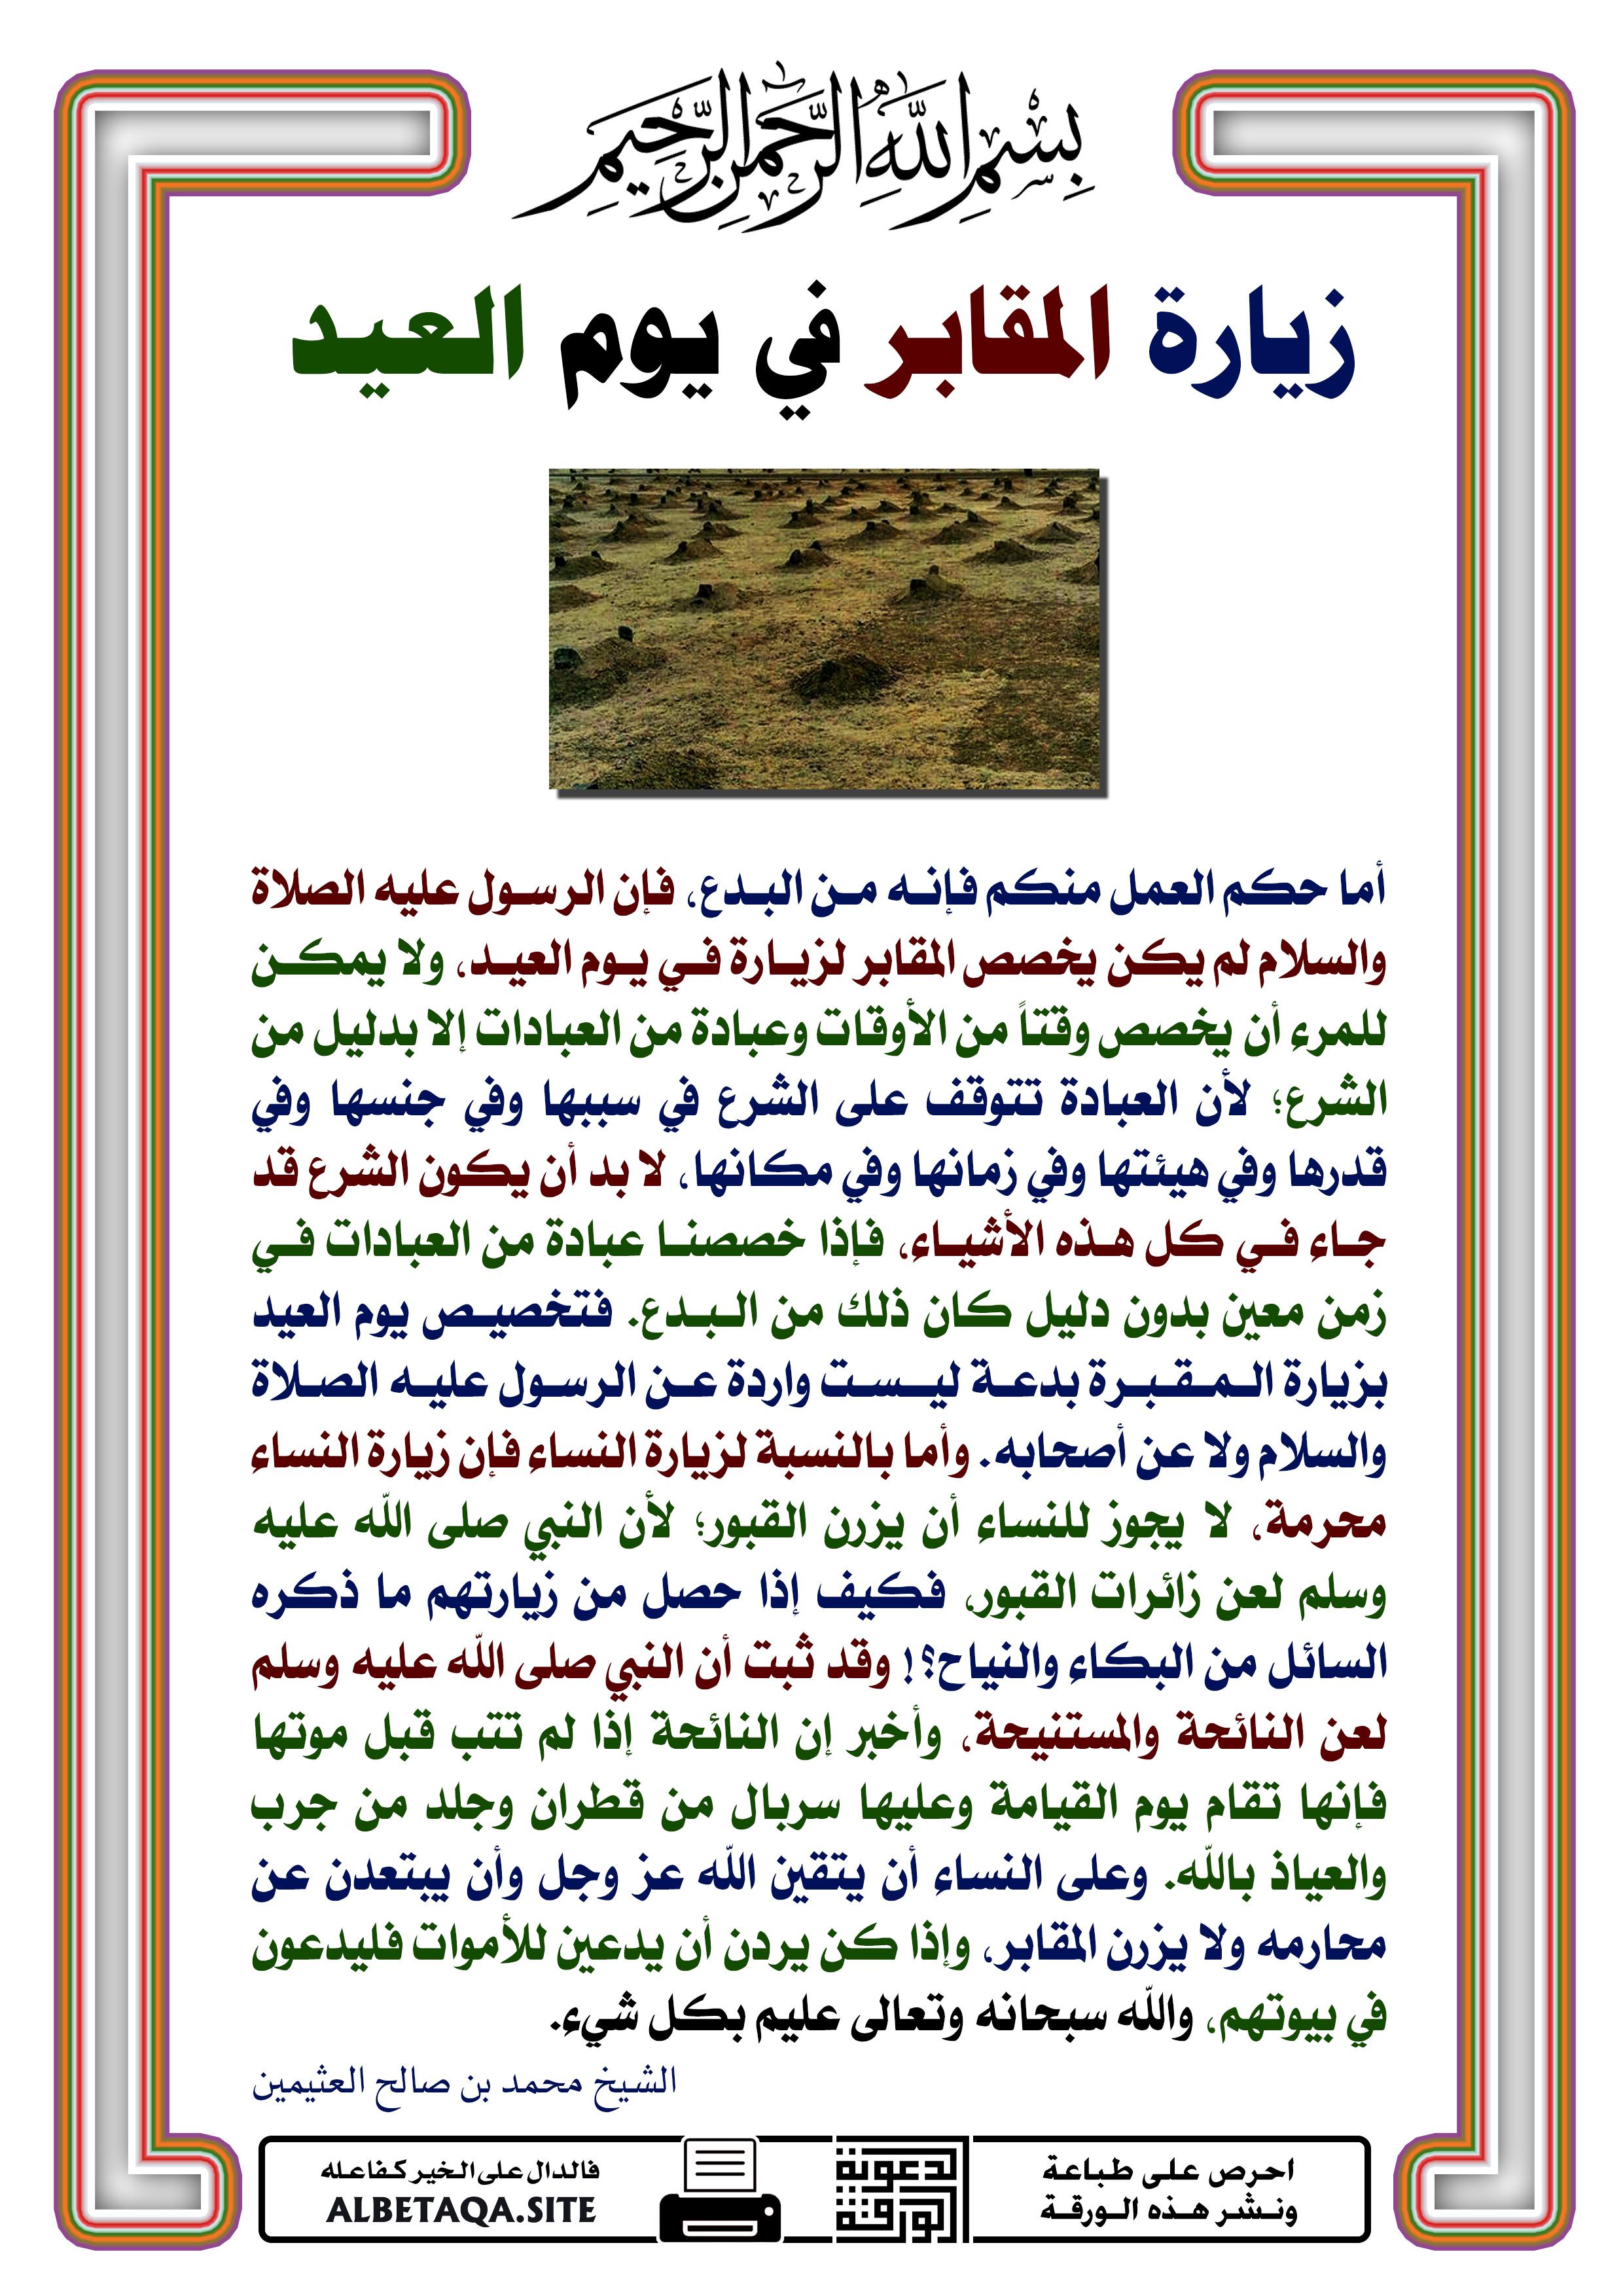 لاو ملكية عدم ارتياح زيارة القبور للنساء الاسلام سؤال وجواب Dsvdedommel Com